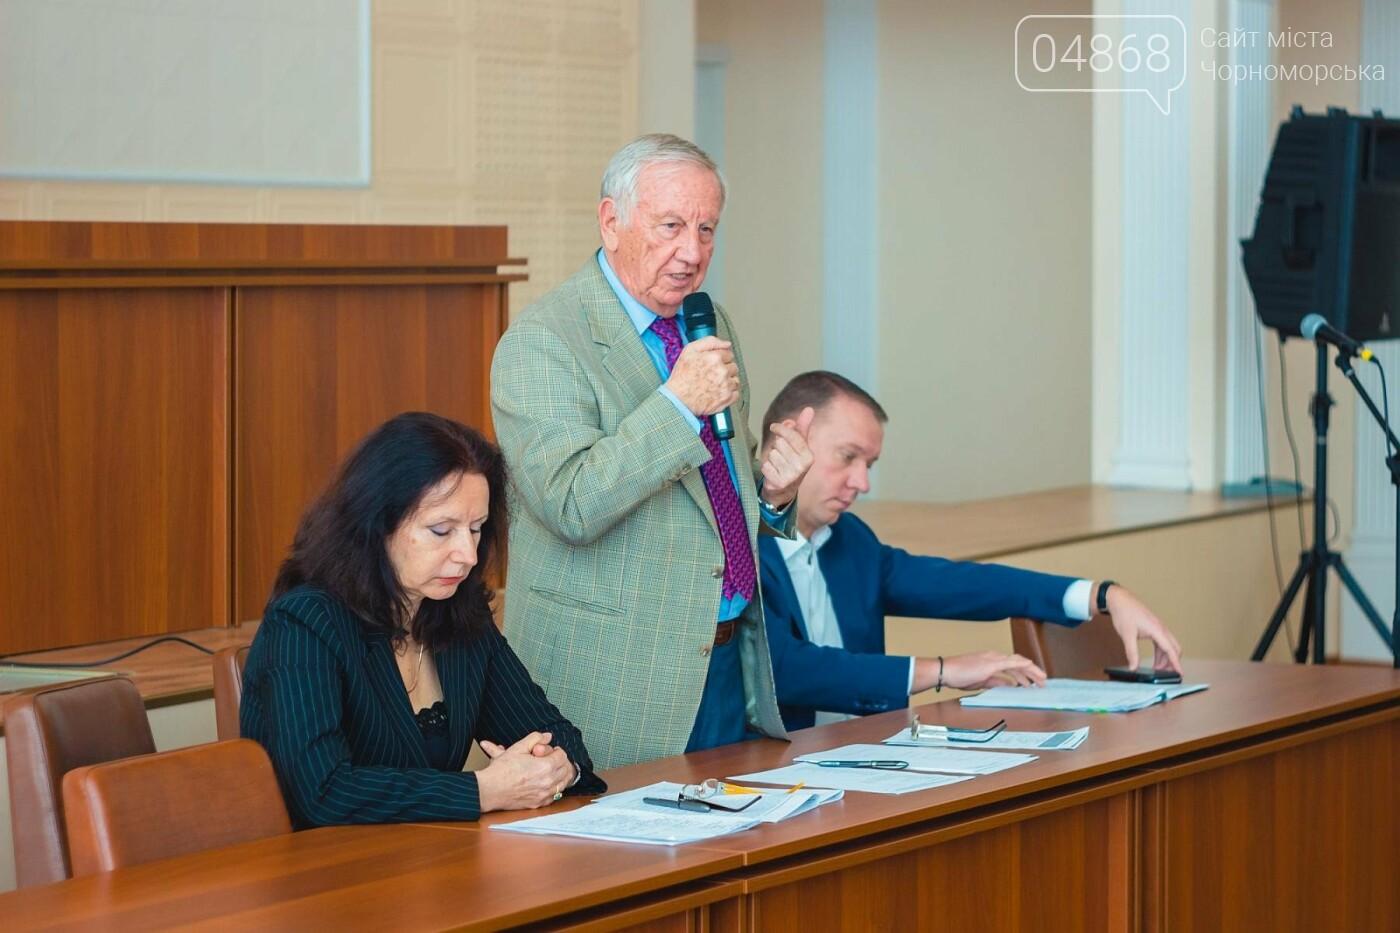 Предпринимателям Черноморска напомнили о новых правилах благоустройства, фото-4